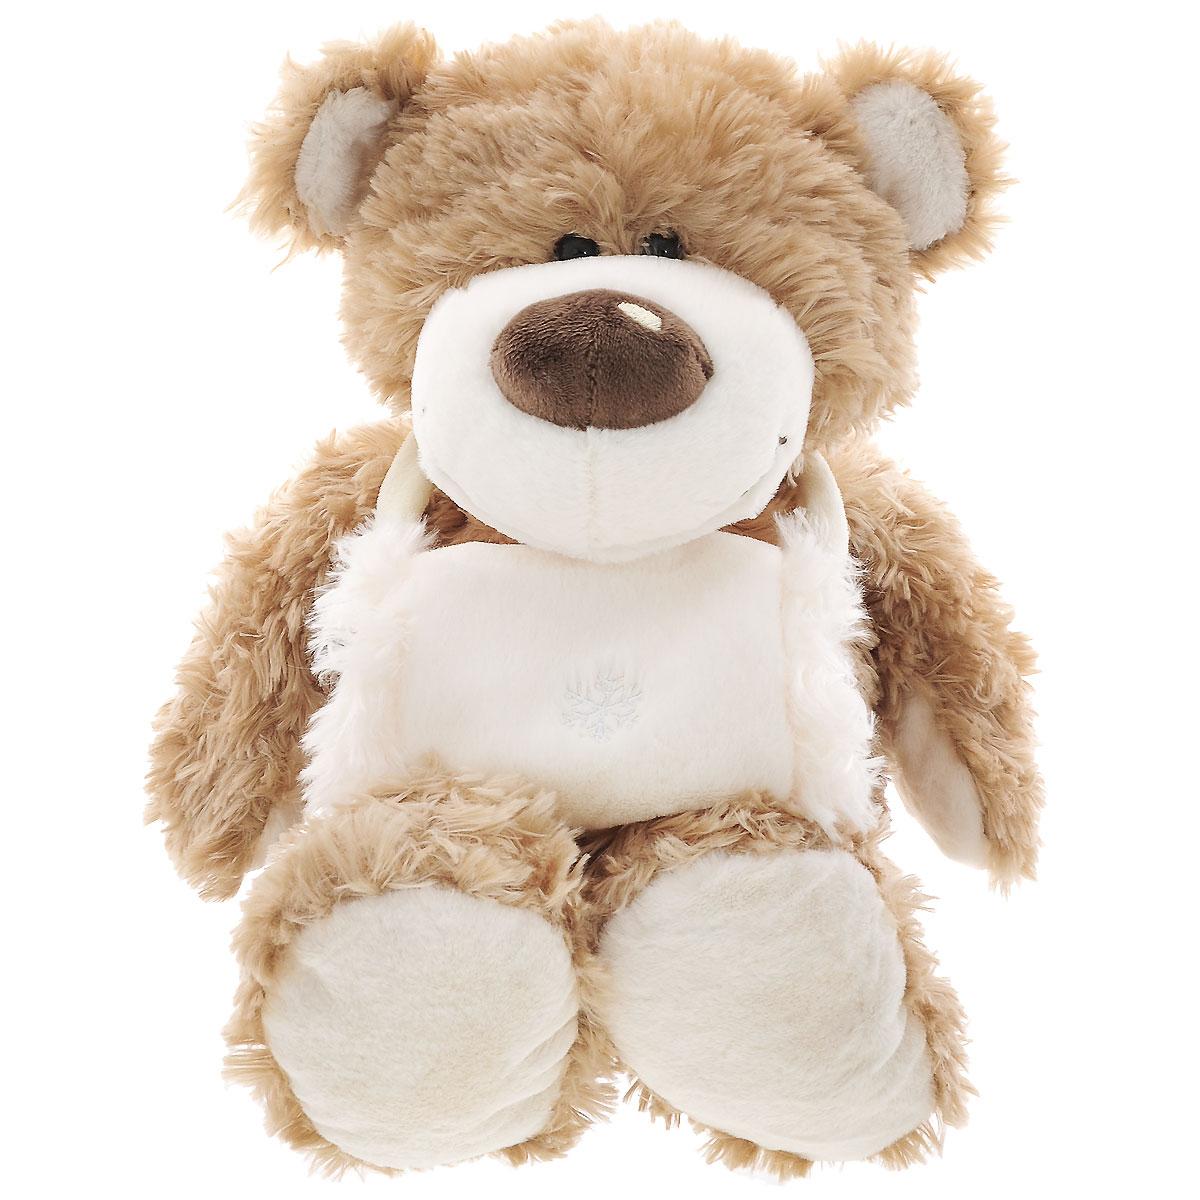 Plush Apple Мягкая игрушка Медведь с муфтой, 42 см мягкая игрушка plush apple собака с шарфом 28 см